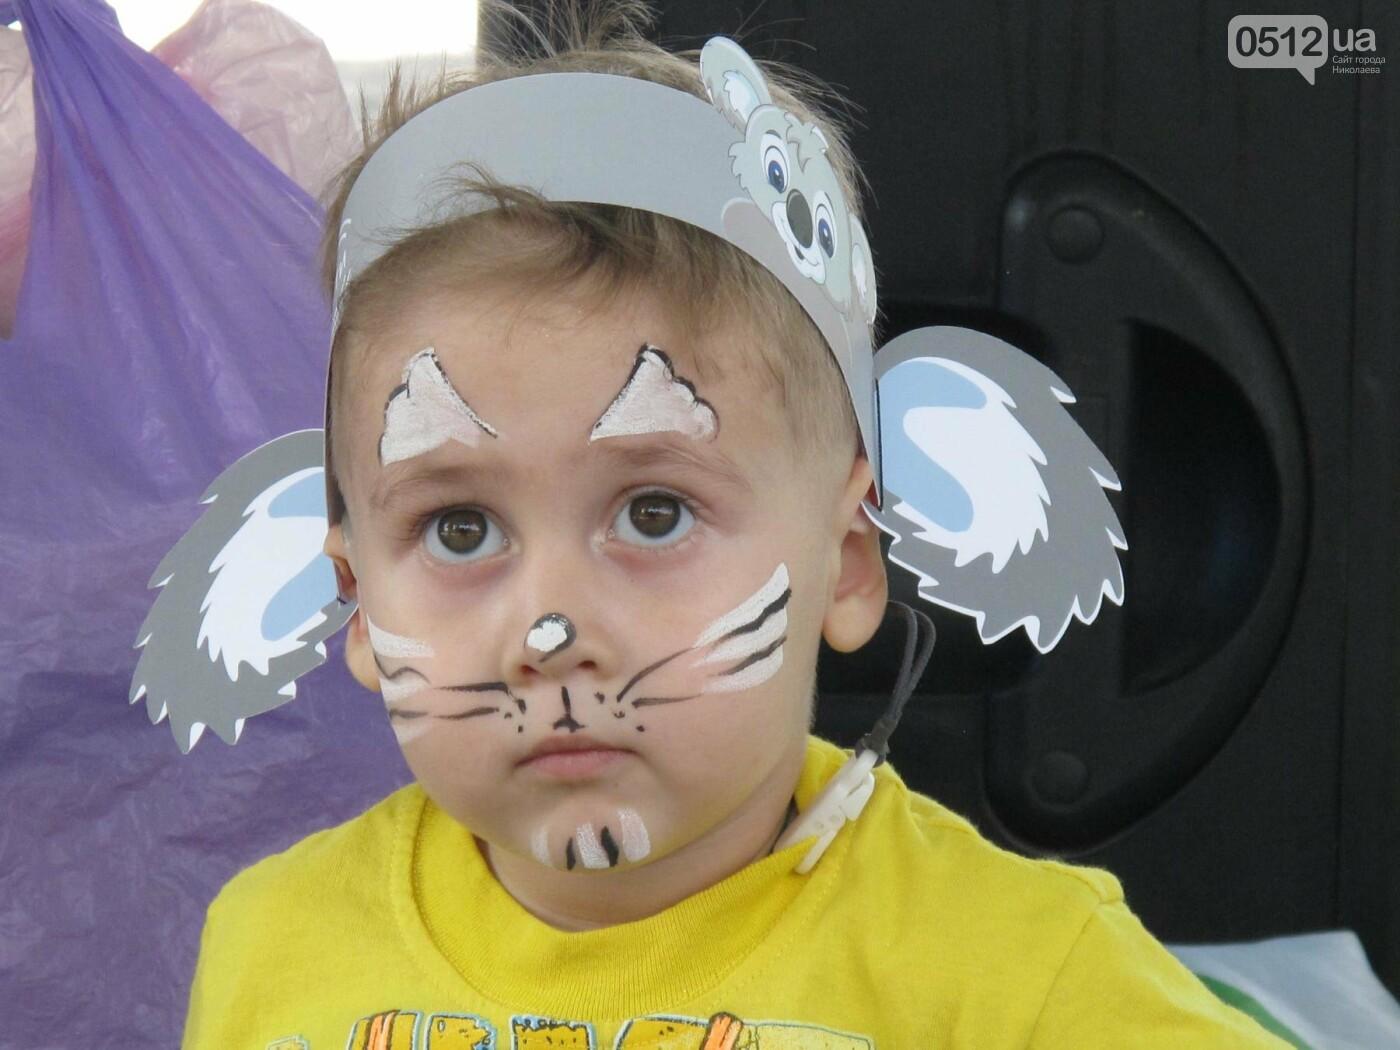 В Сердце города организовали развлекательную программу для детей с нарушением слуха., фото-7